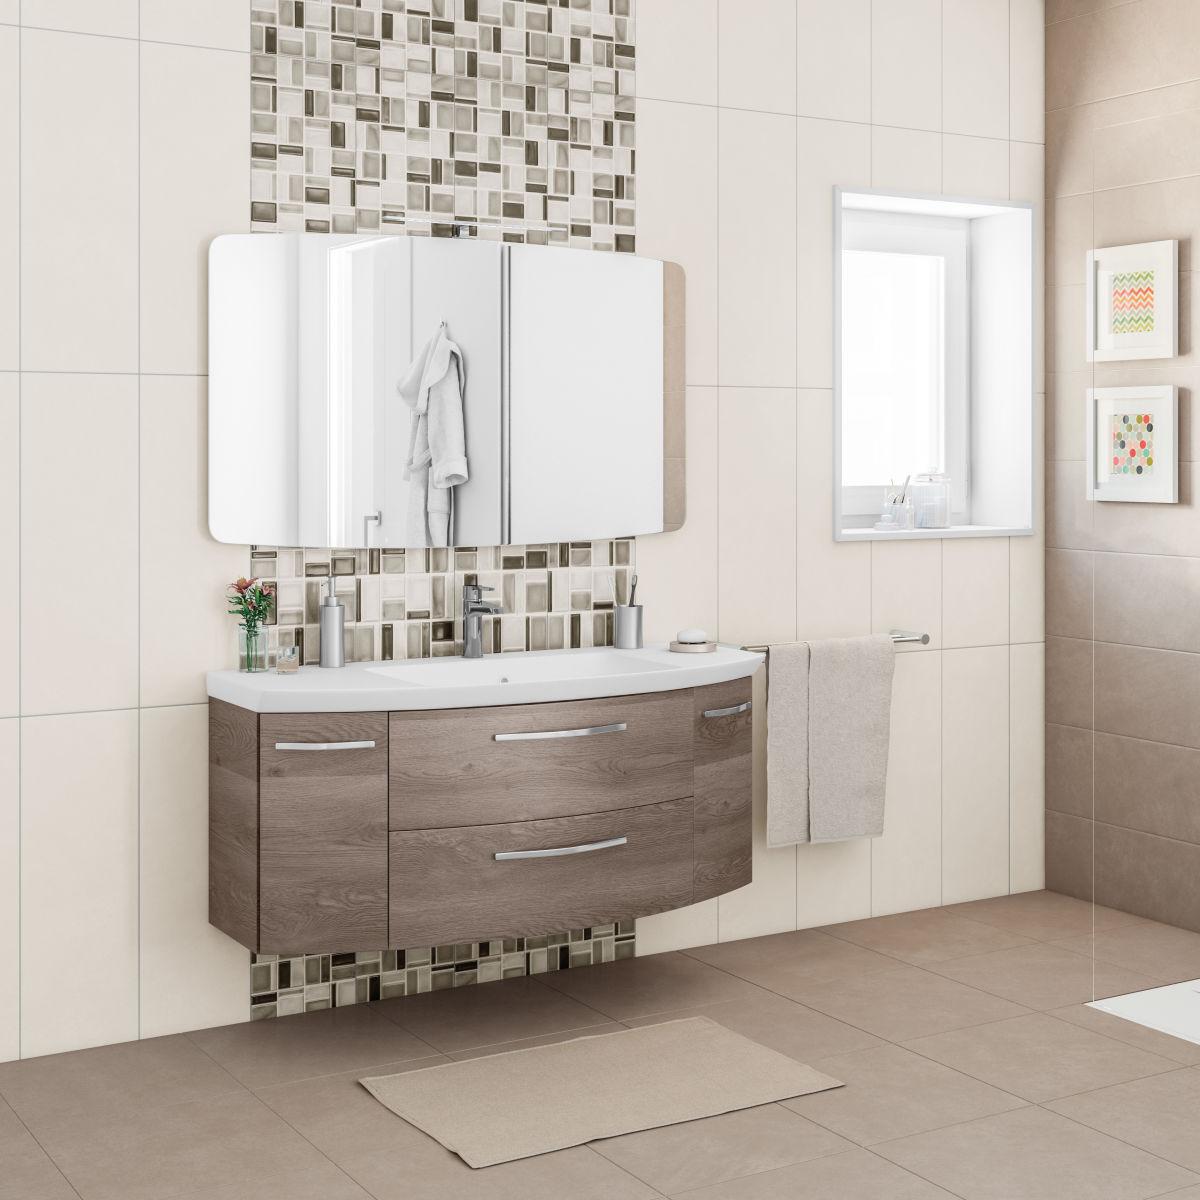 Mobili bagno leroy merlin prezzi elegant bagno piccoli mobili per bagno with mobili bagno leroy - Offerte mobili bagno leroy merlin ...